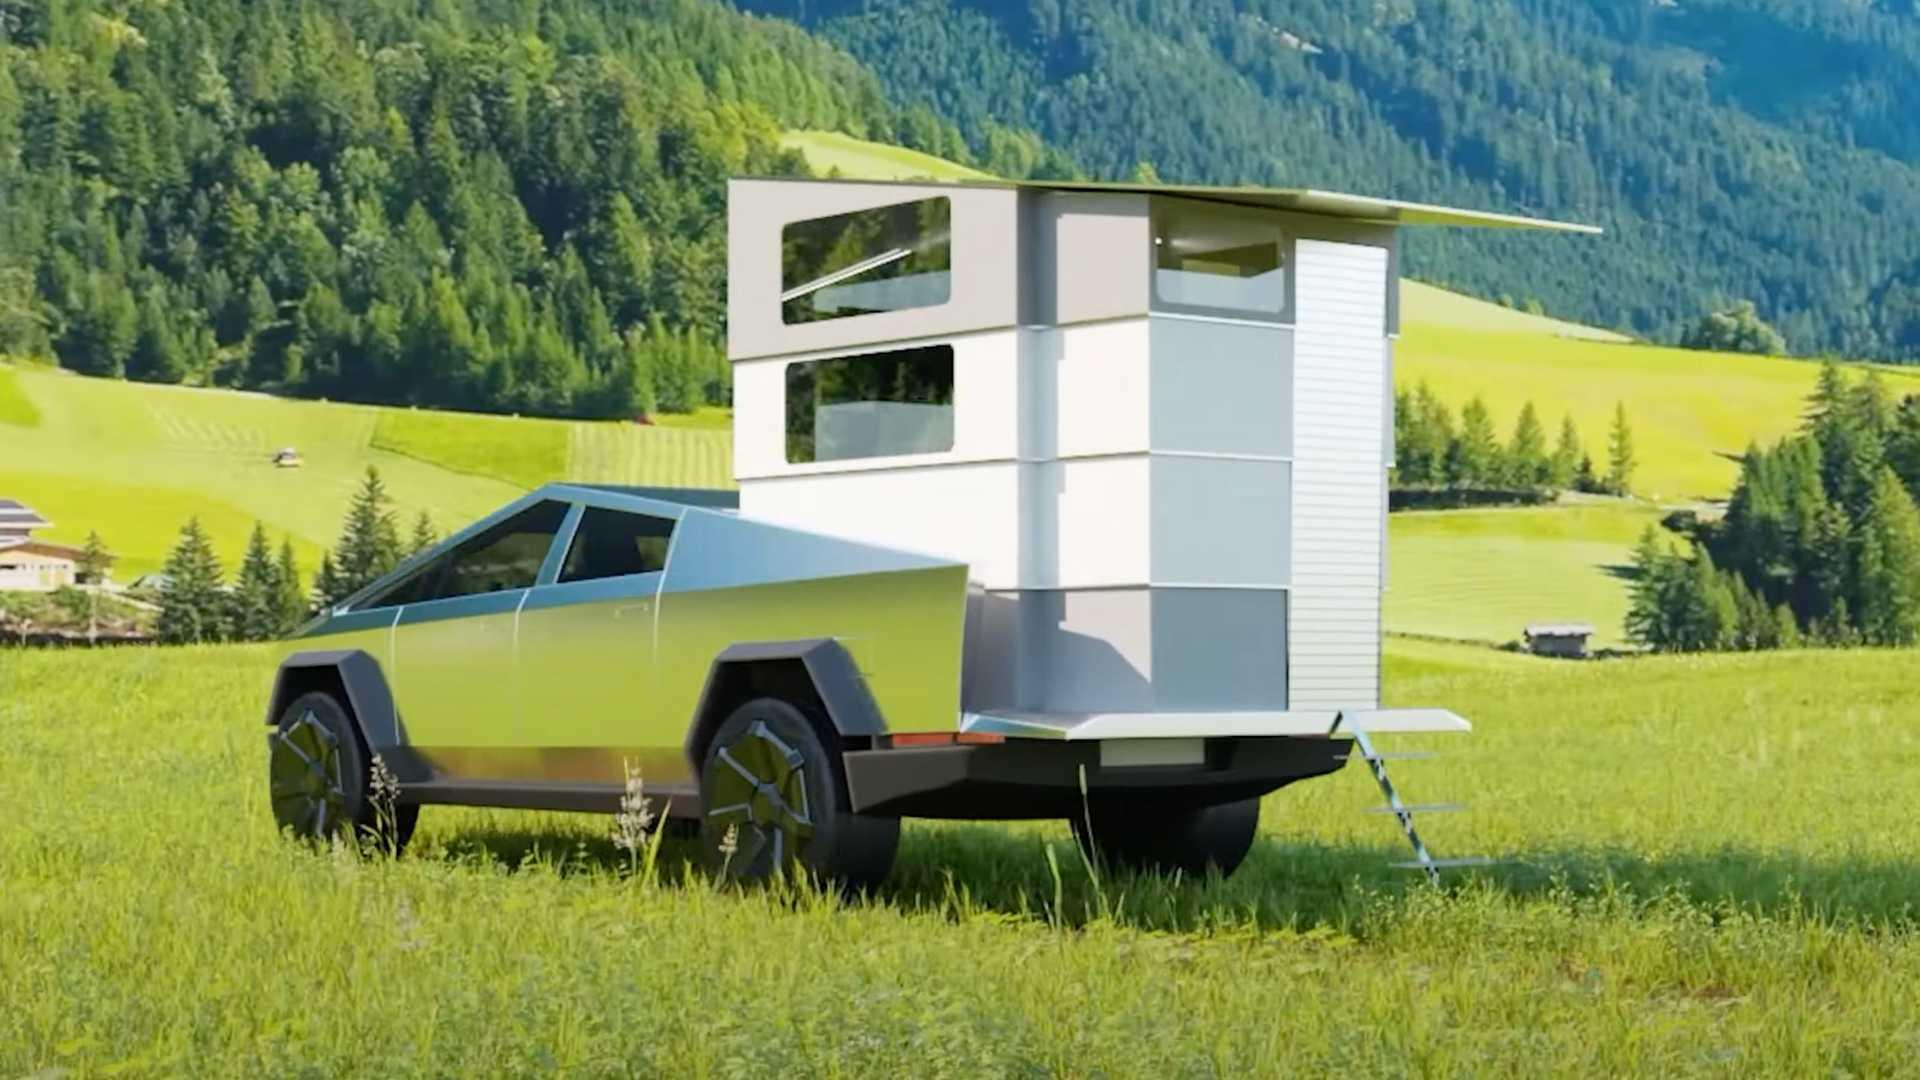 CyberLandr-Camper-For-Tesla-Cybertruck-1